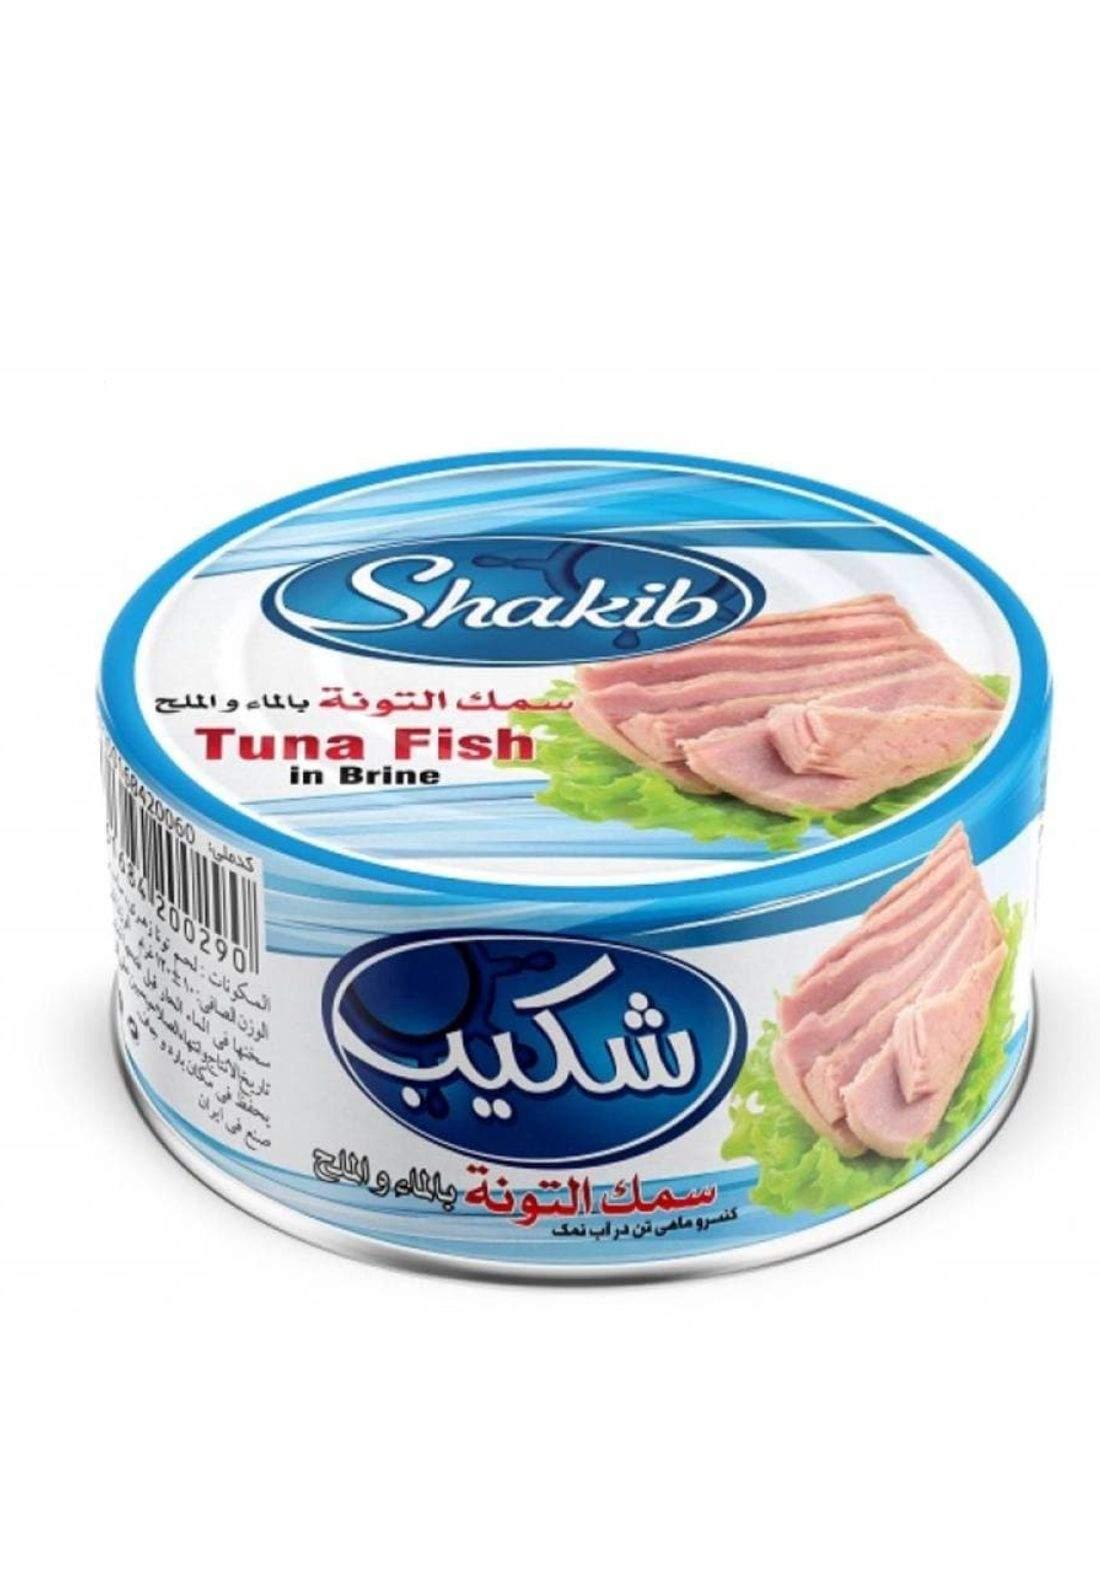 Shakib tuna fish 120g شكيب سمك تونه